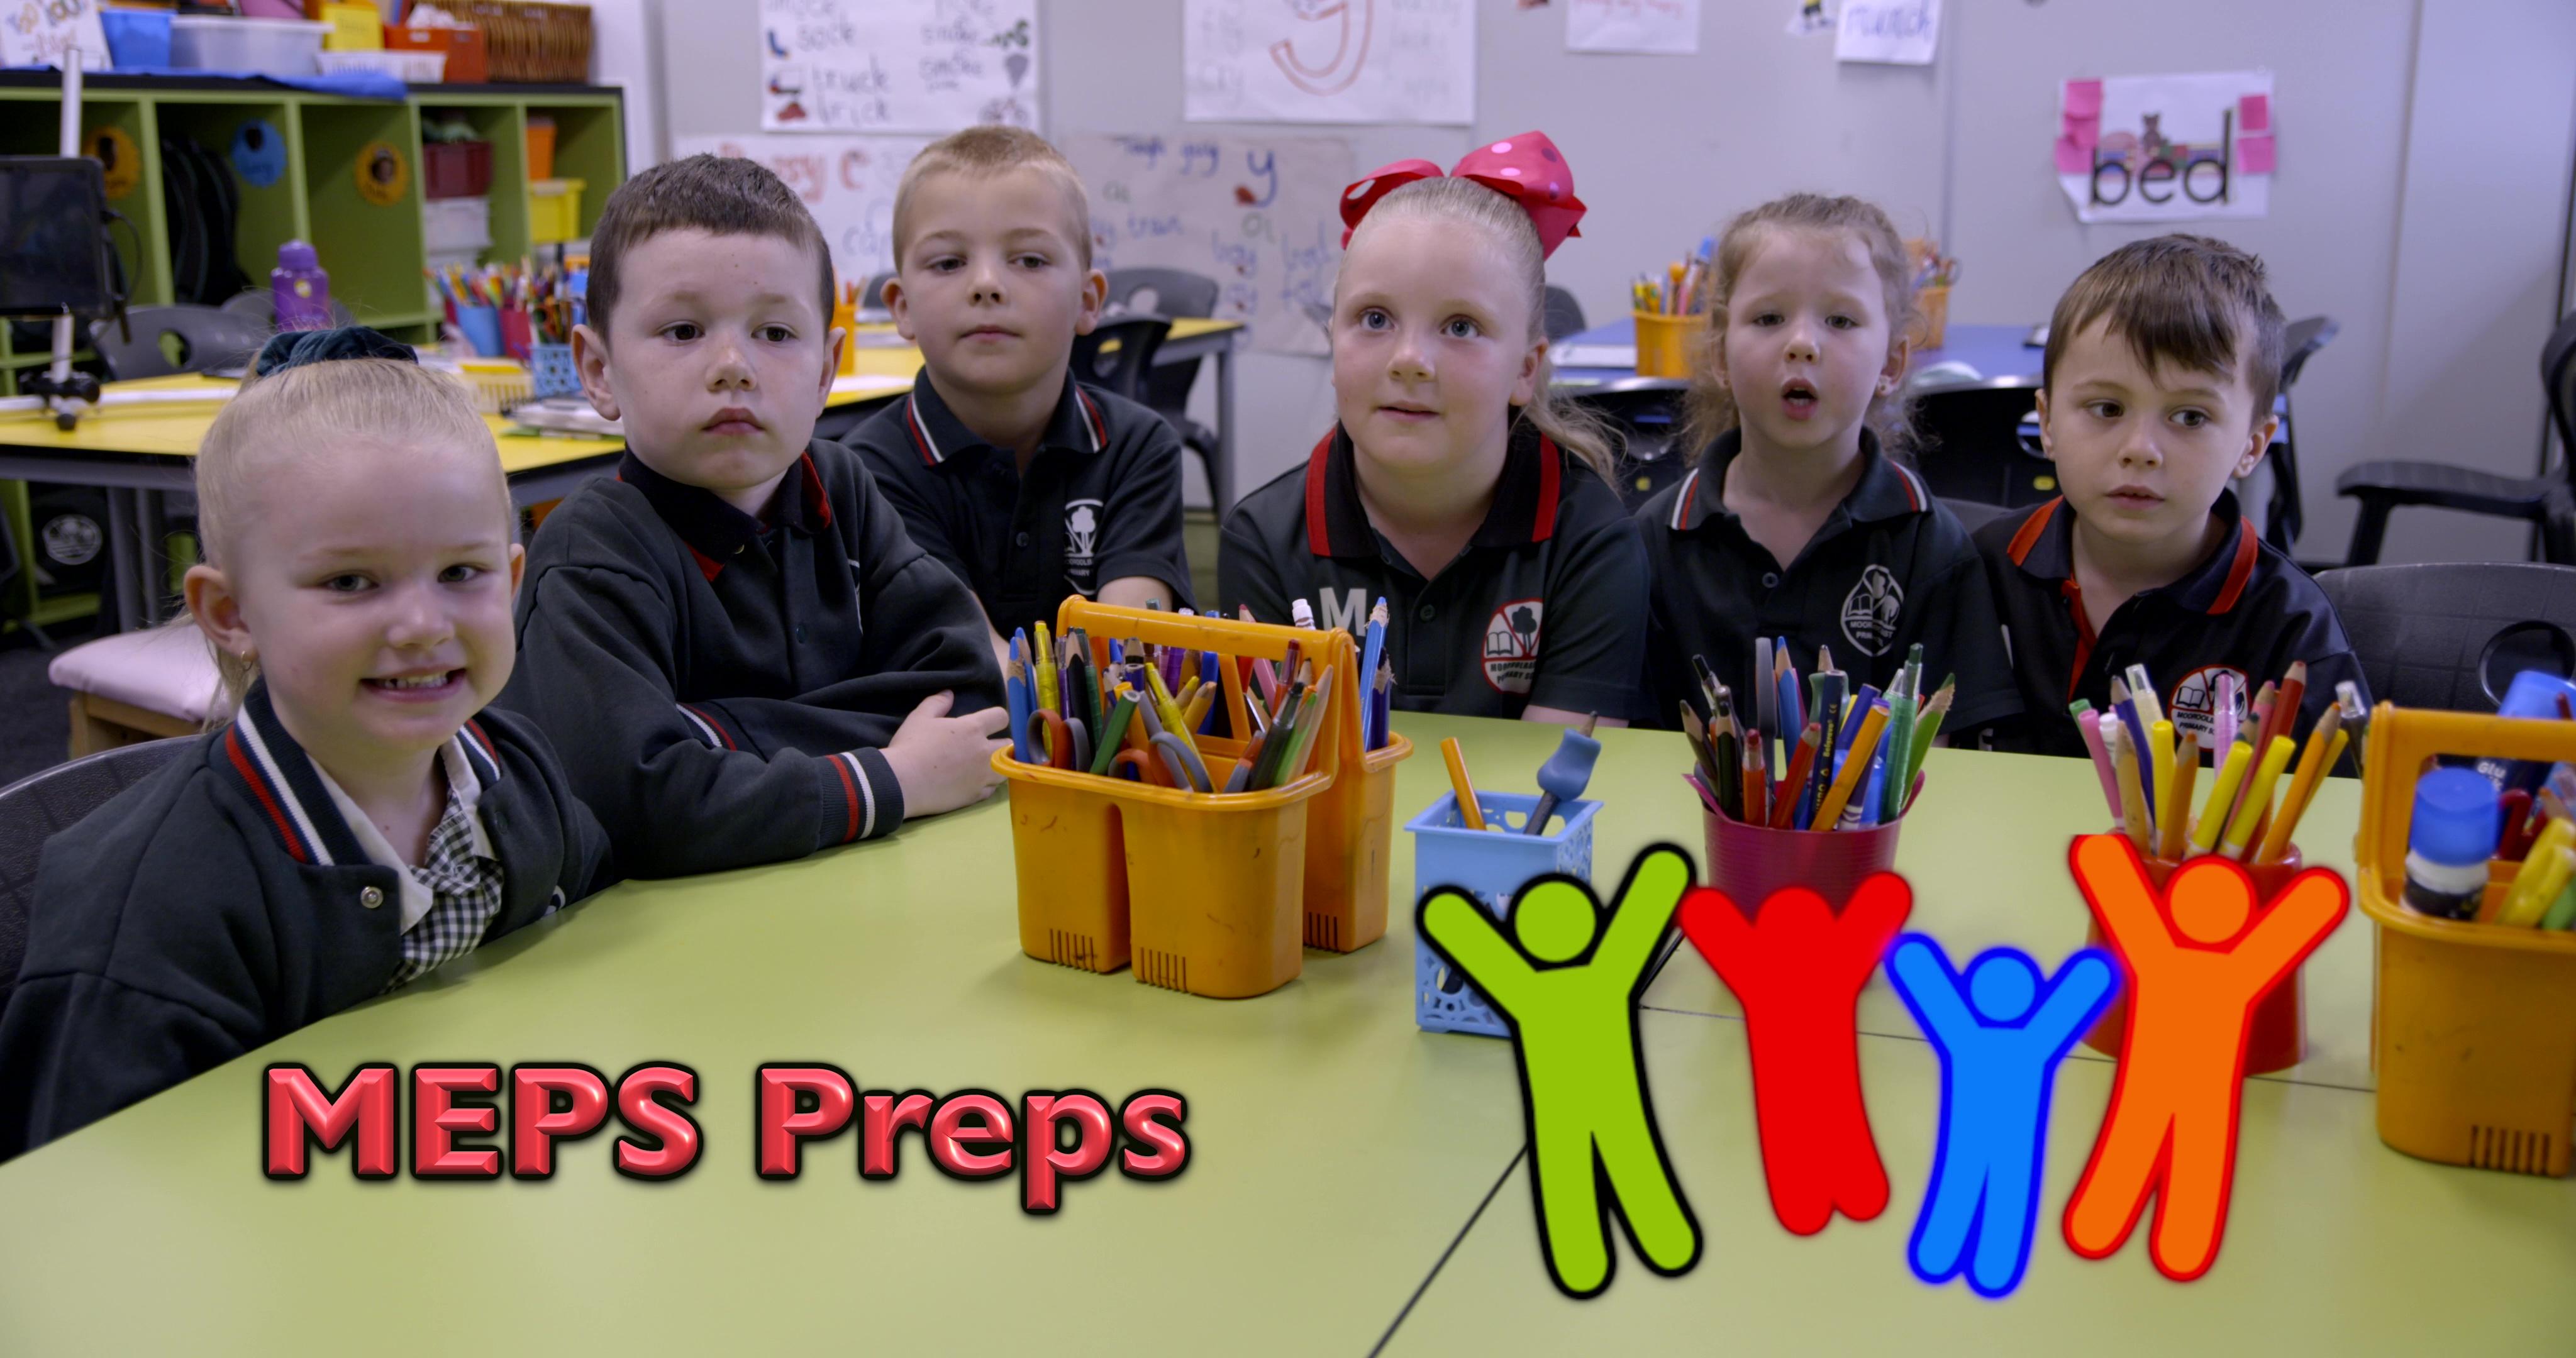 MEPS Preps